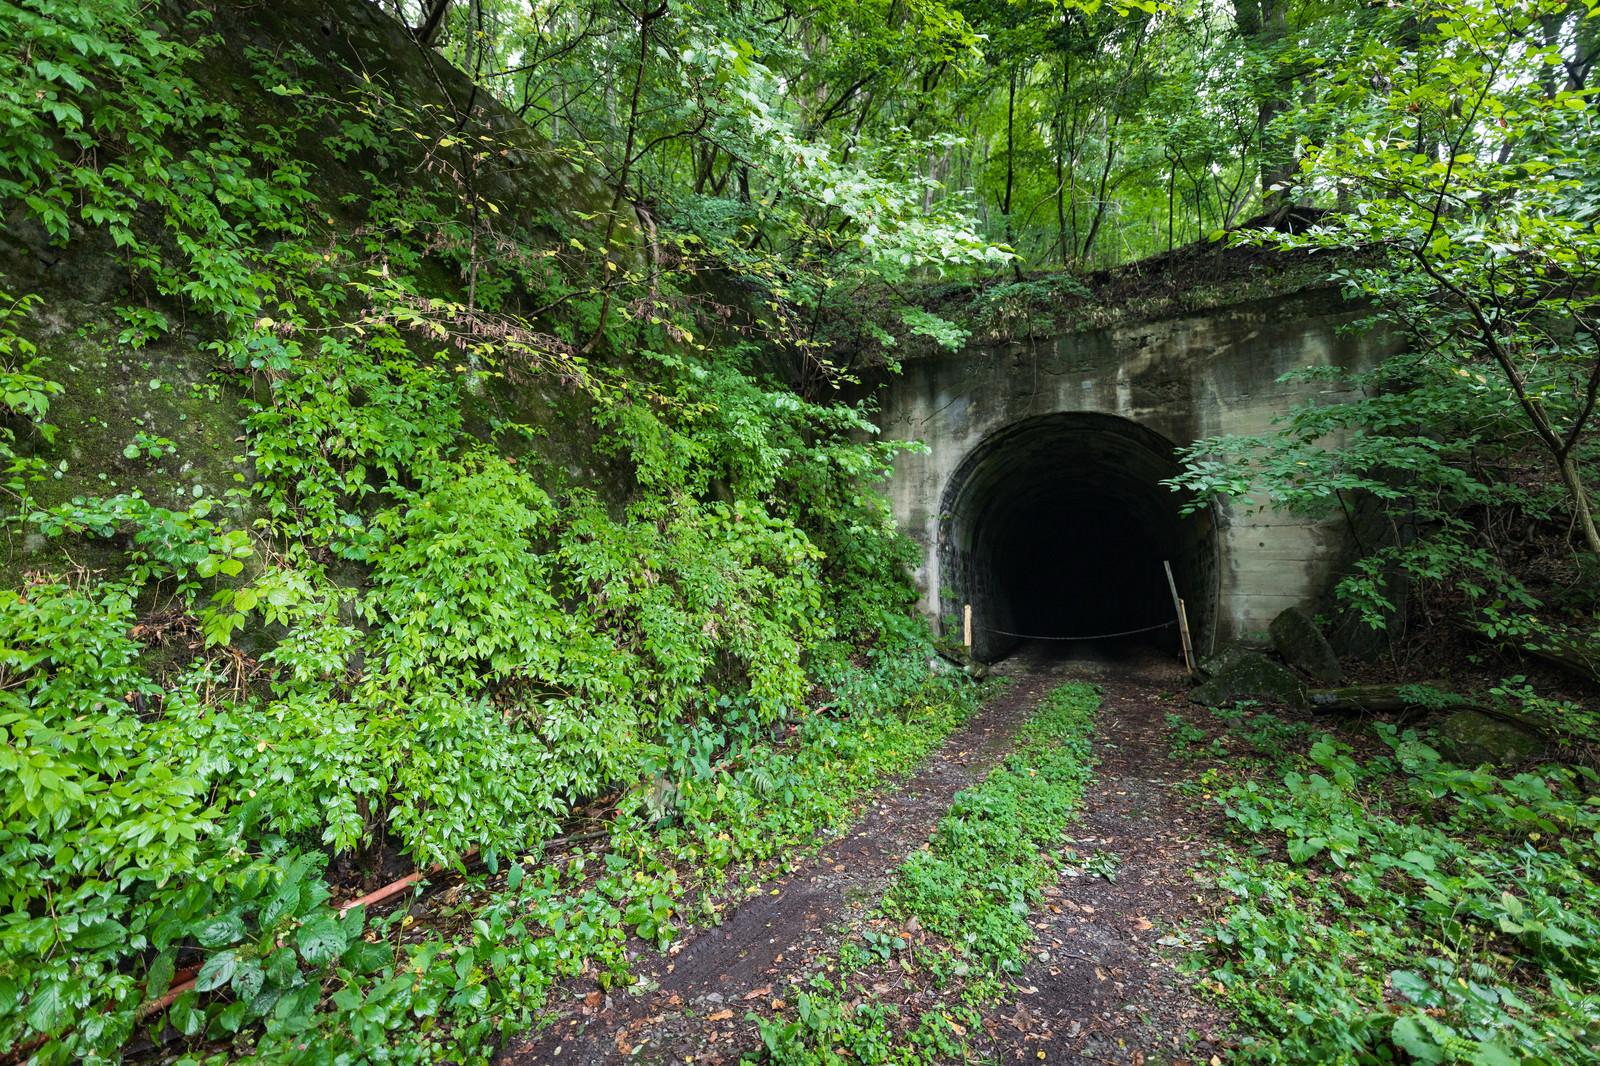 「炭鉱に使われていたトンネル跡 | 写真の無料素材・フリー素材 - ぱくたそ」の写真